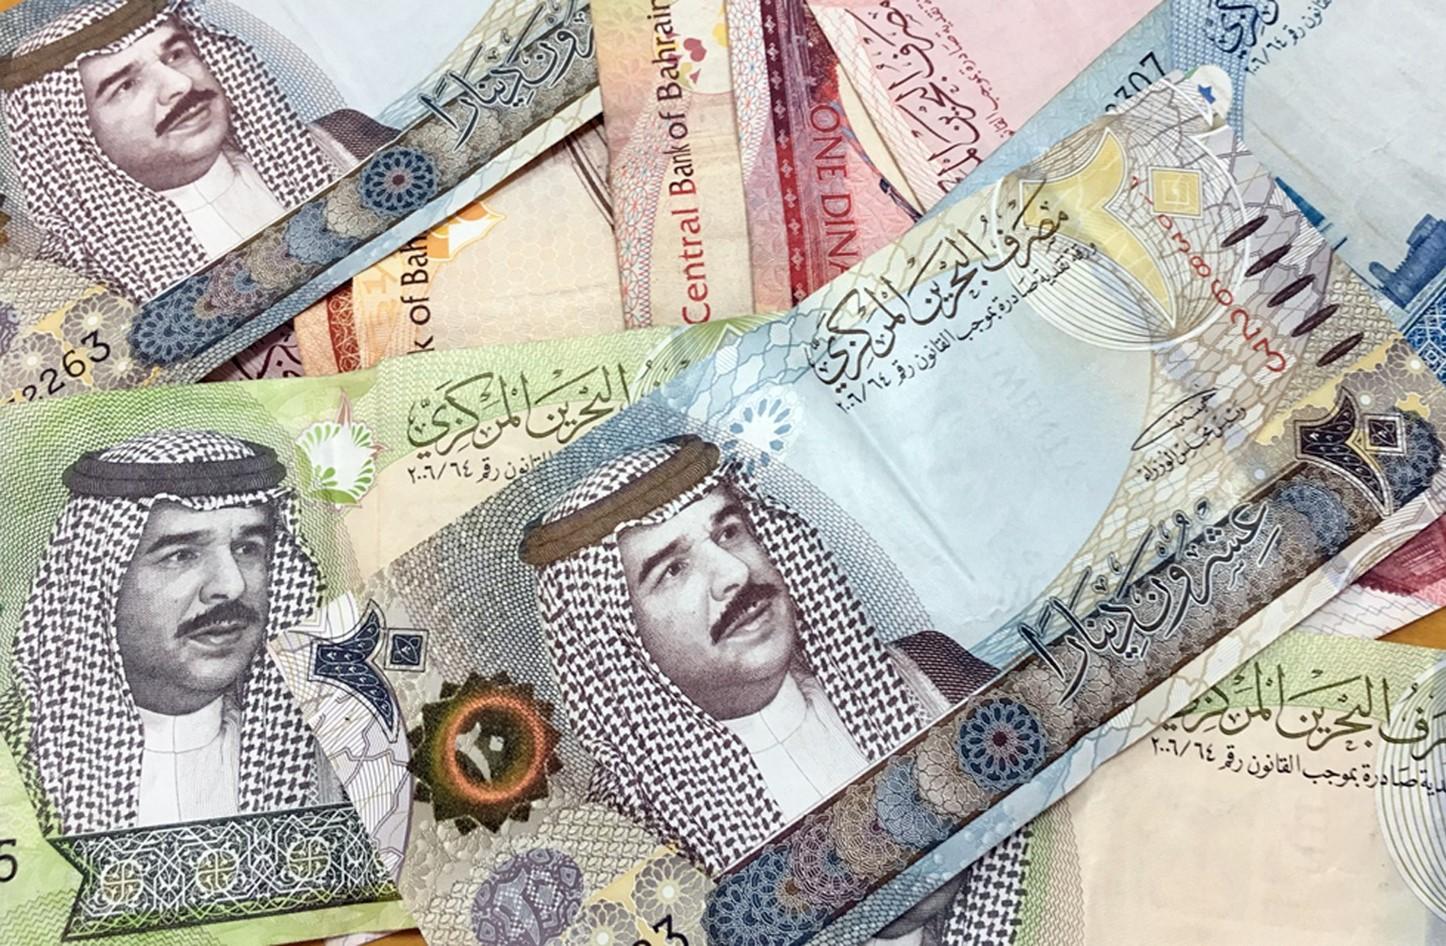 سعر الدينار البحريني مقابل الدولار : عملة البحرين